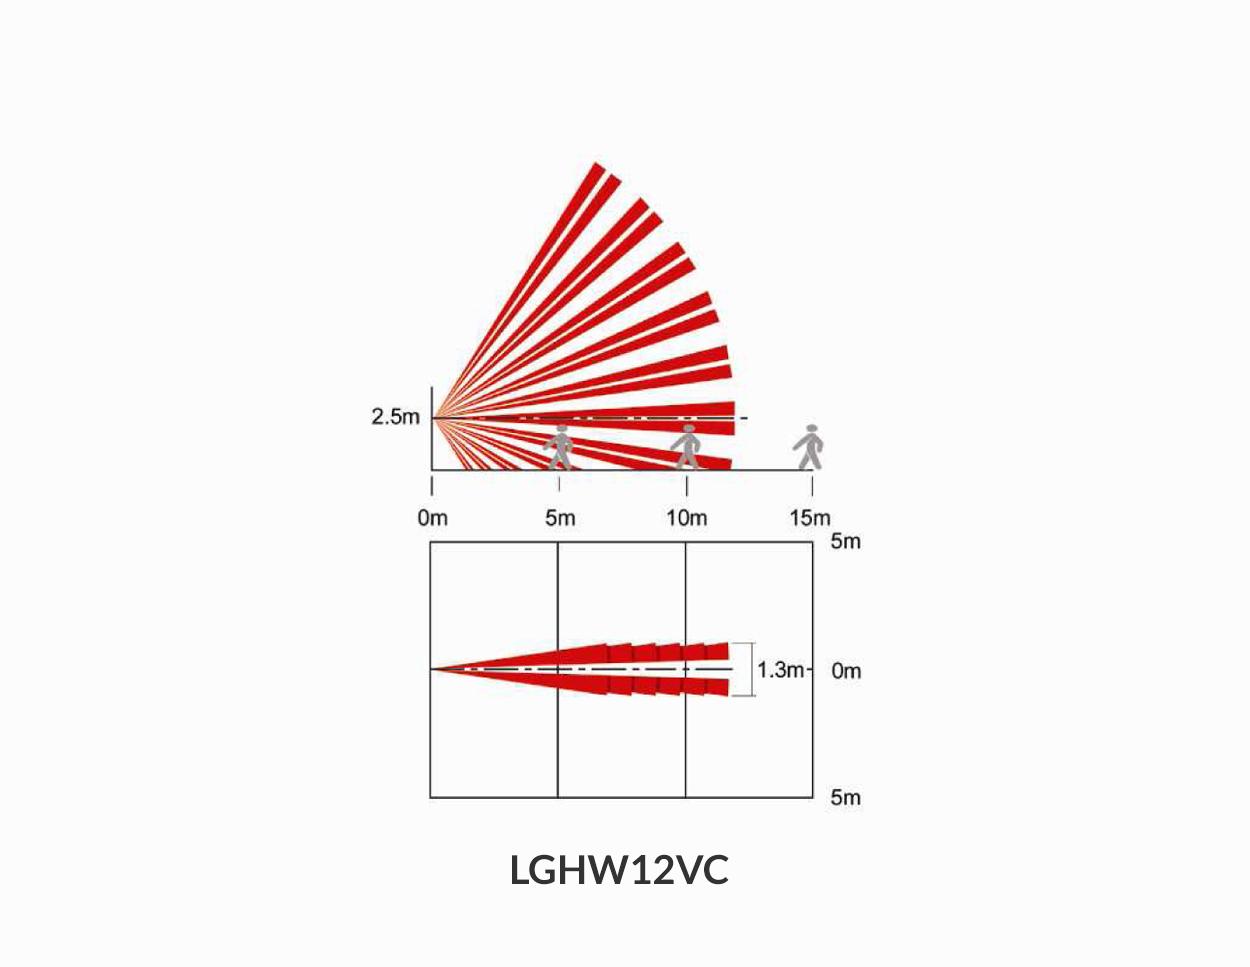 LGHW12vc1.png